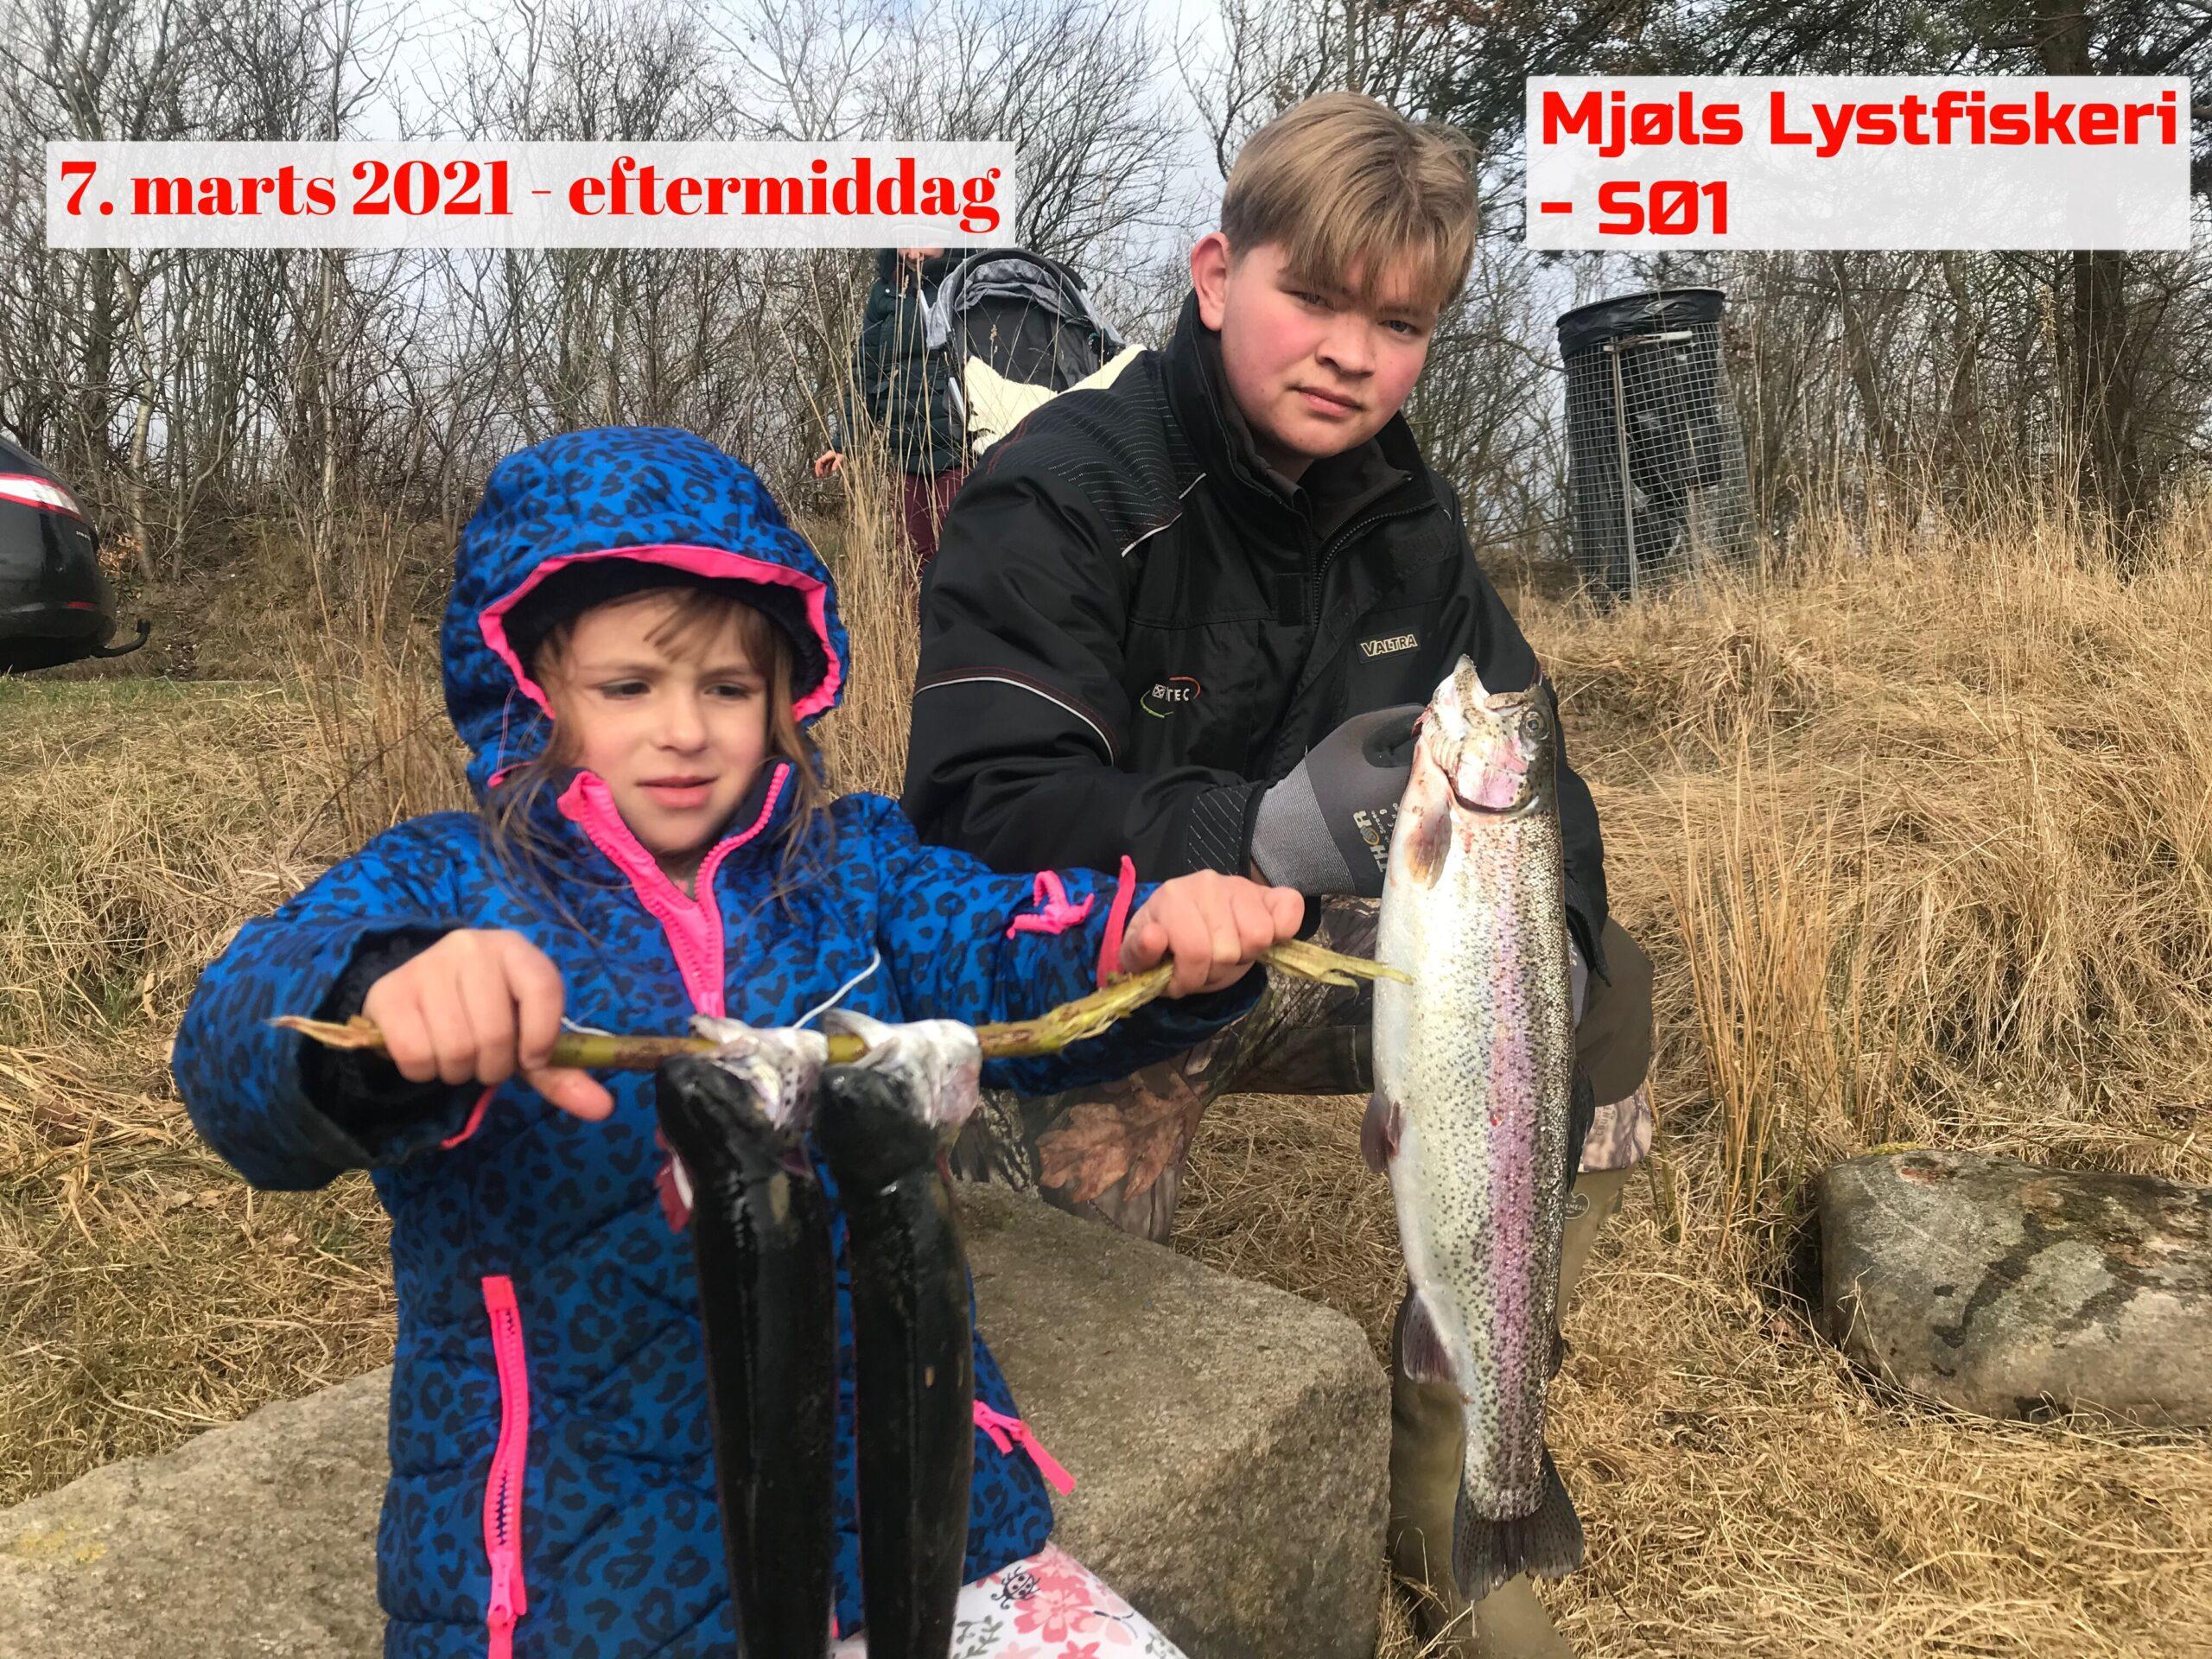 De unge fanger også ørreder i Mjøls Lystfiskeri